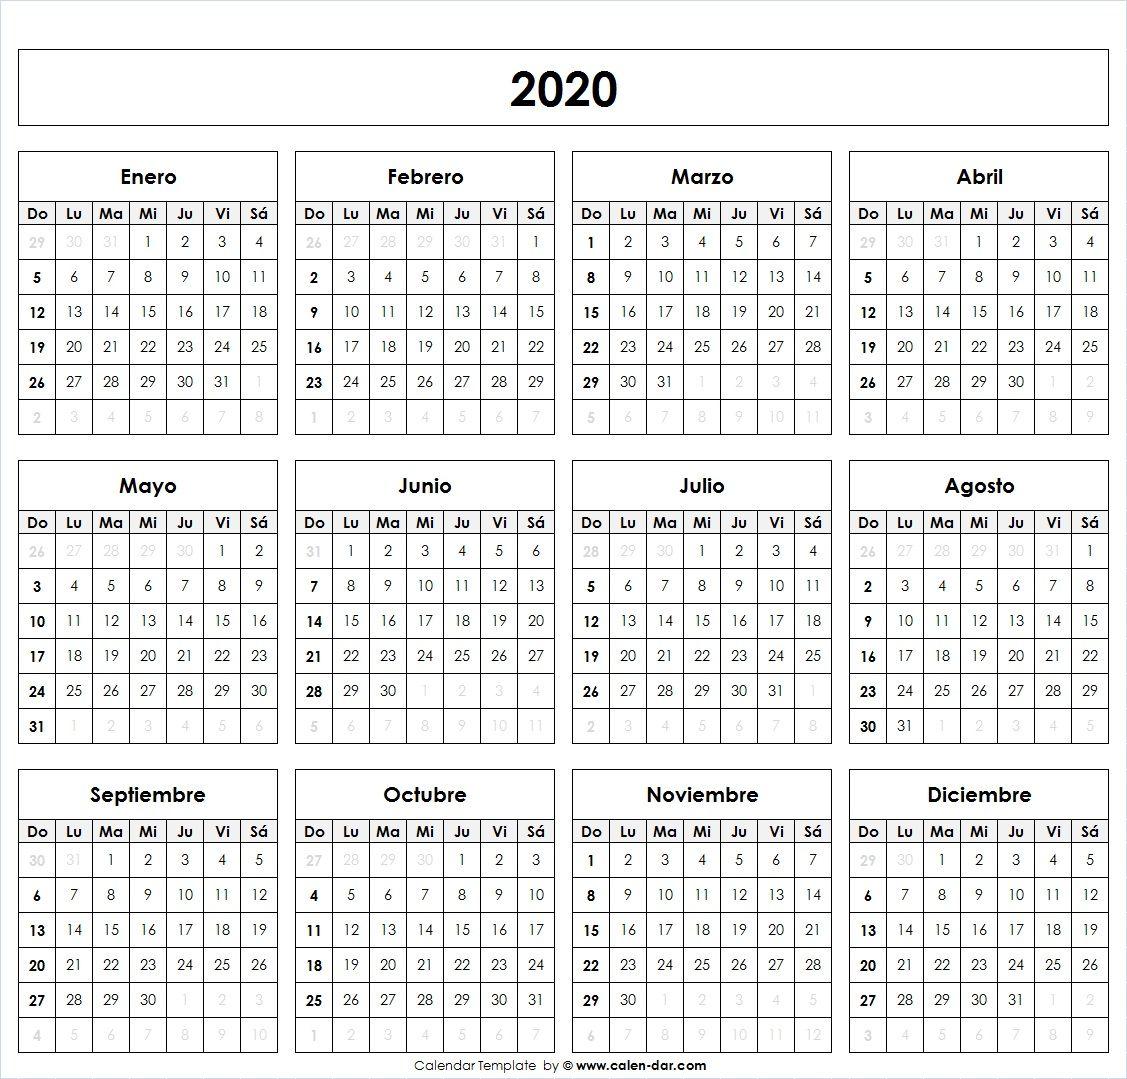 Calendario 2020 Com Feriados Para Impressao.Calendario 2020 Spanish Calendario Calendar 2019